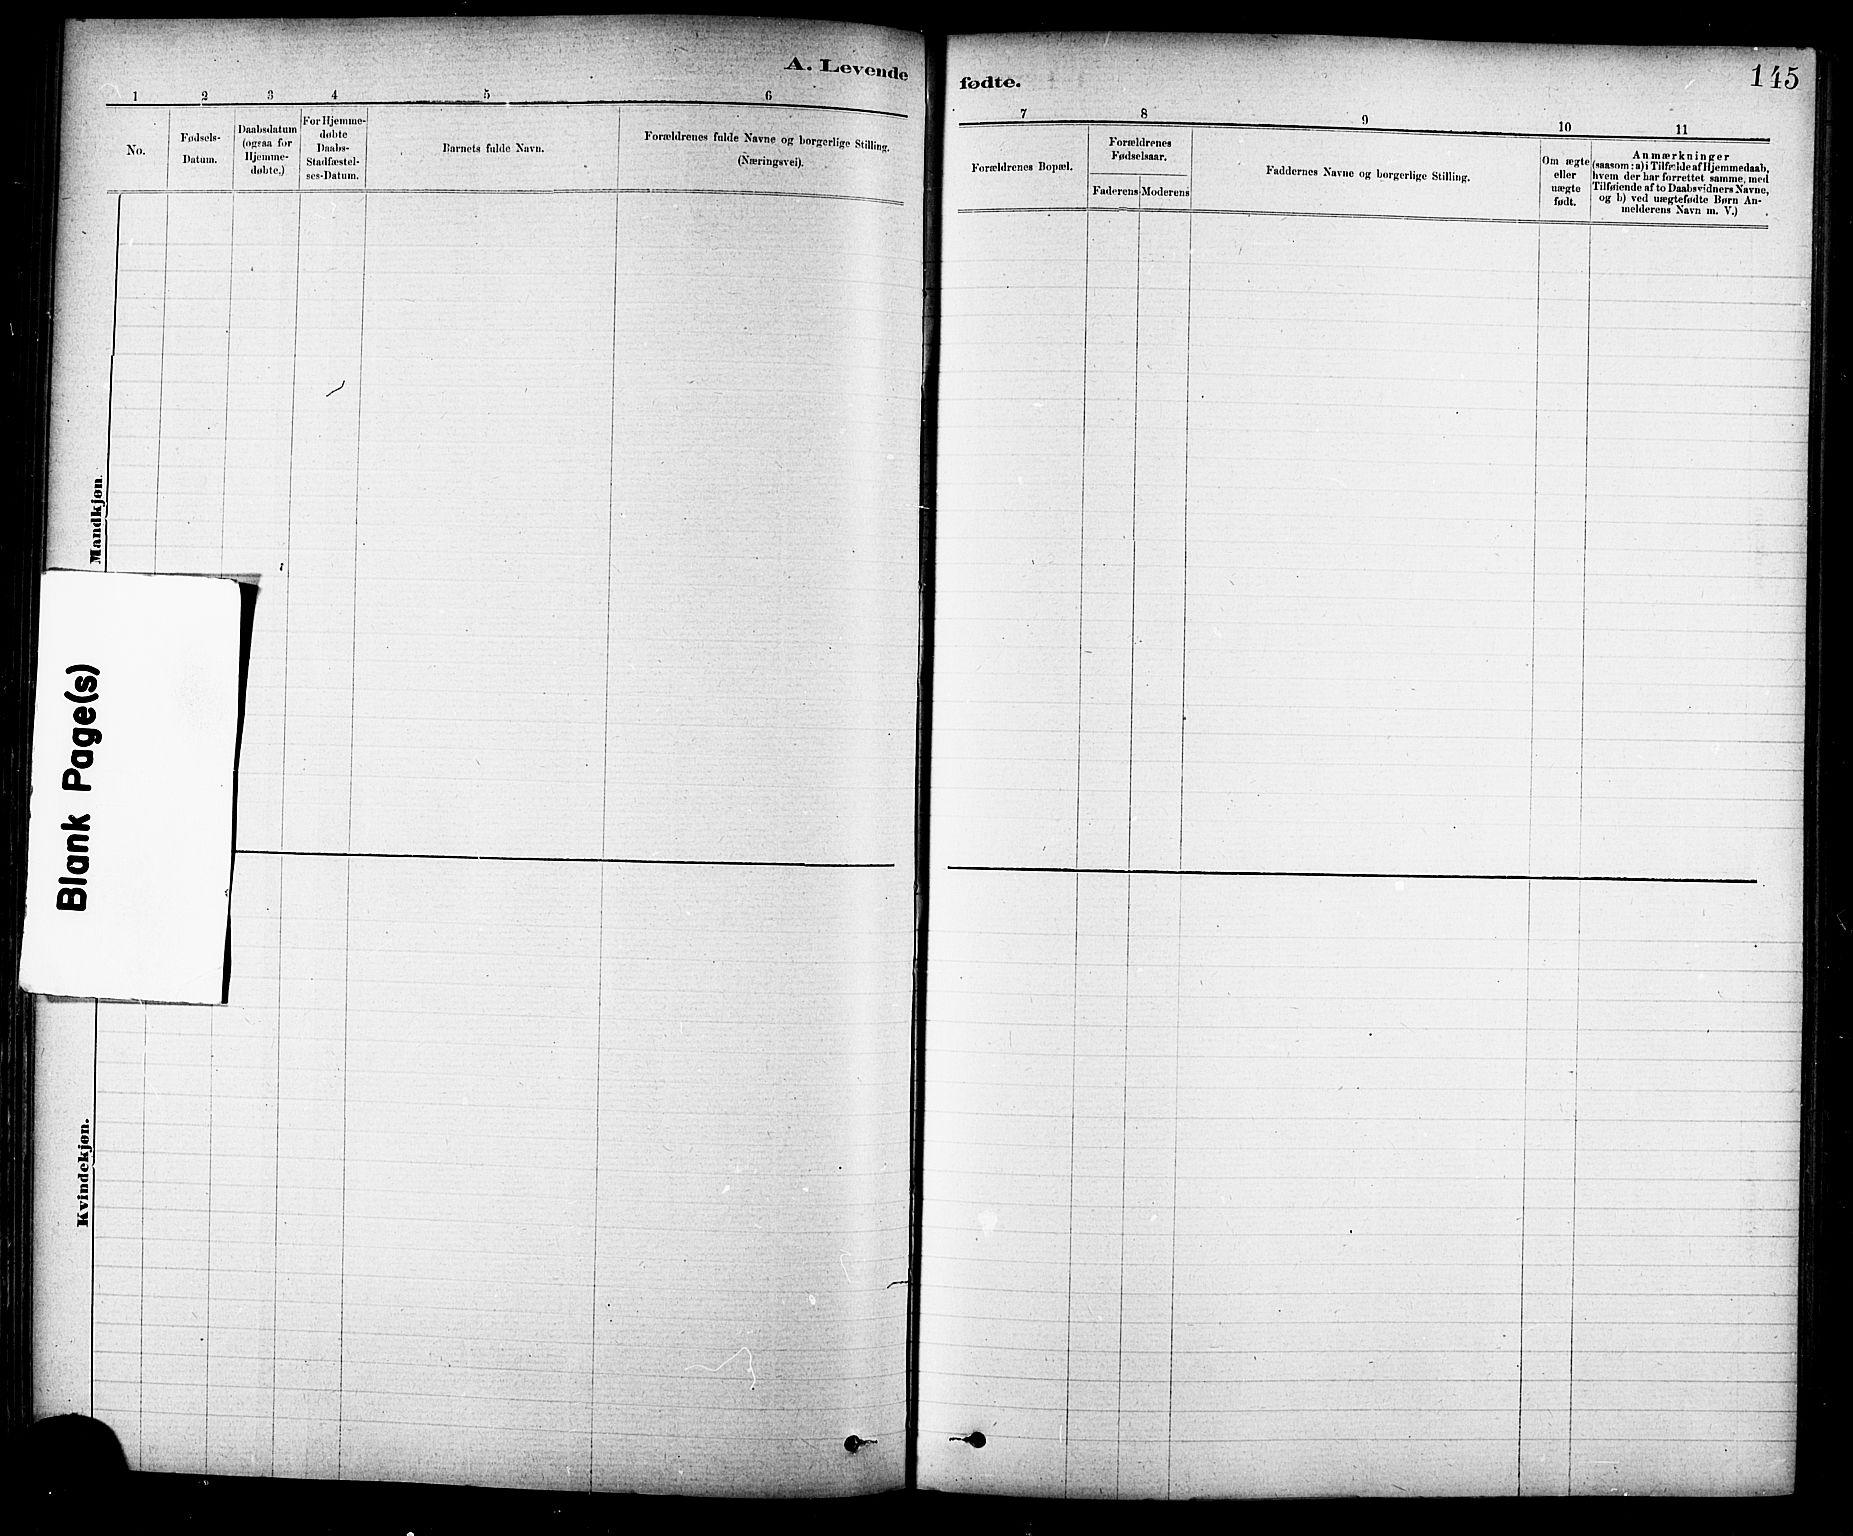 SAT, Ministerialprotokoller, klokkerbøker og fødselsregistre - Sør-Trøndelag, 691/L1094: Klokkerbok nr. 691C05, 1879-1911, s. 145